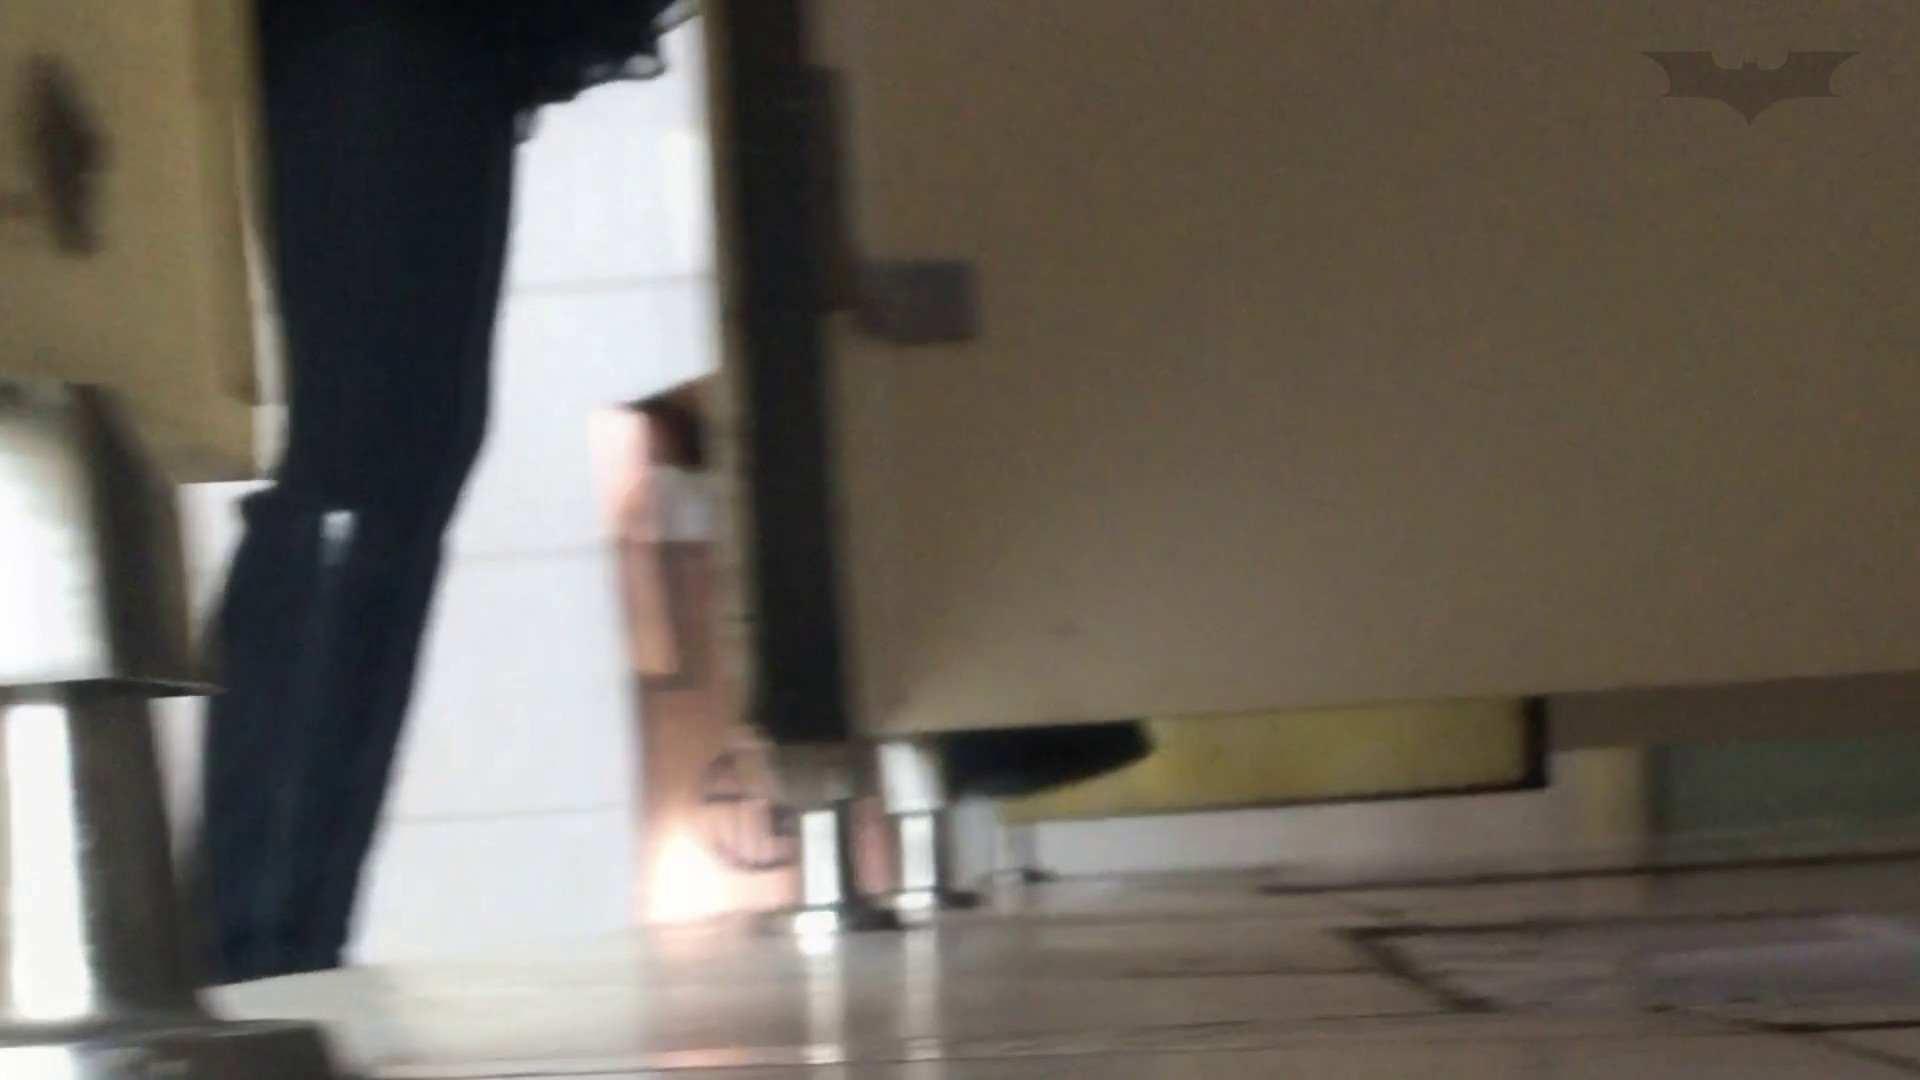 芸術大学ガチ潜入盗撮 JD盗撮 美女の洗面所の秘密 Vol.114 洗面所 AV無料動画キャプチャ 50画像 6